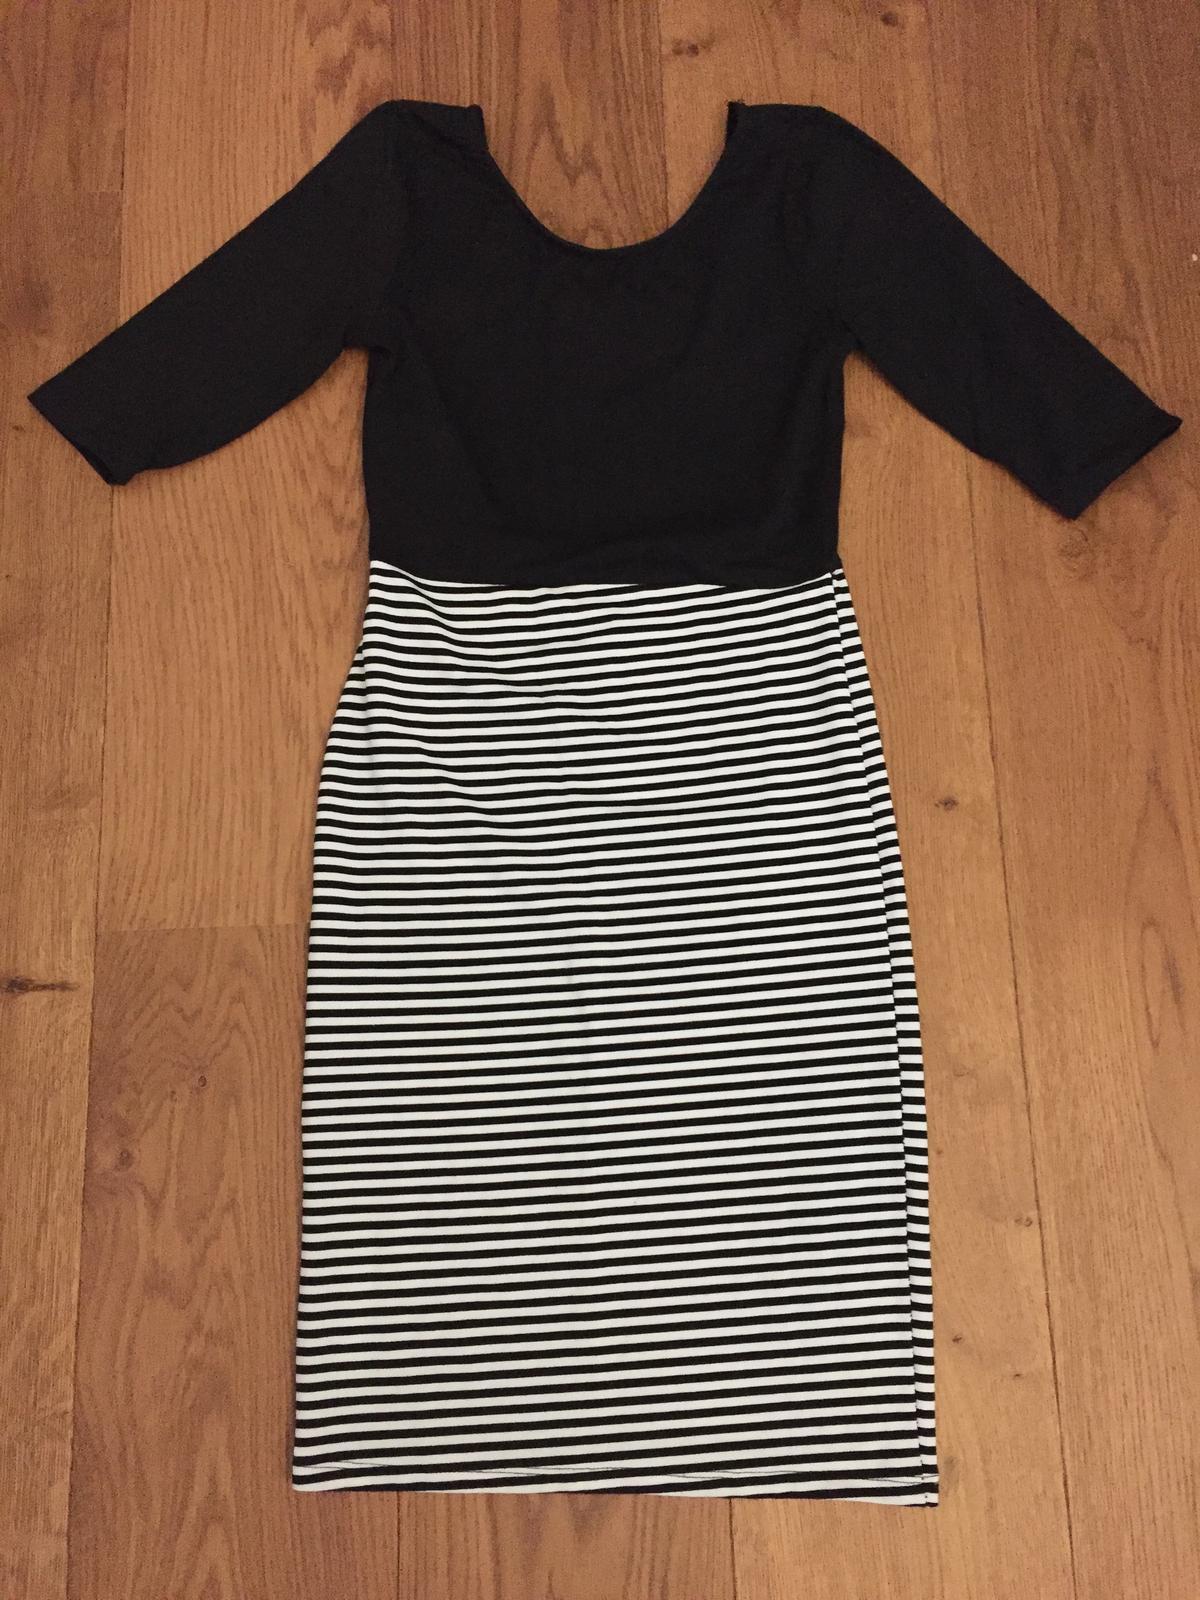 Šaty Limitte S - Obrázok č. 1